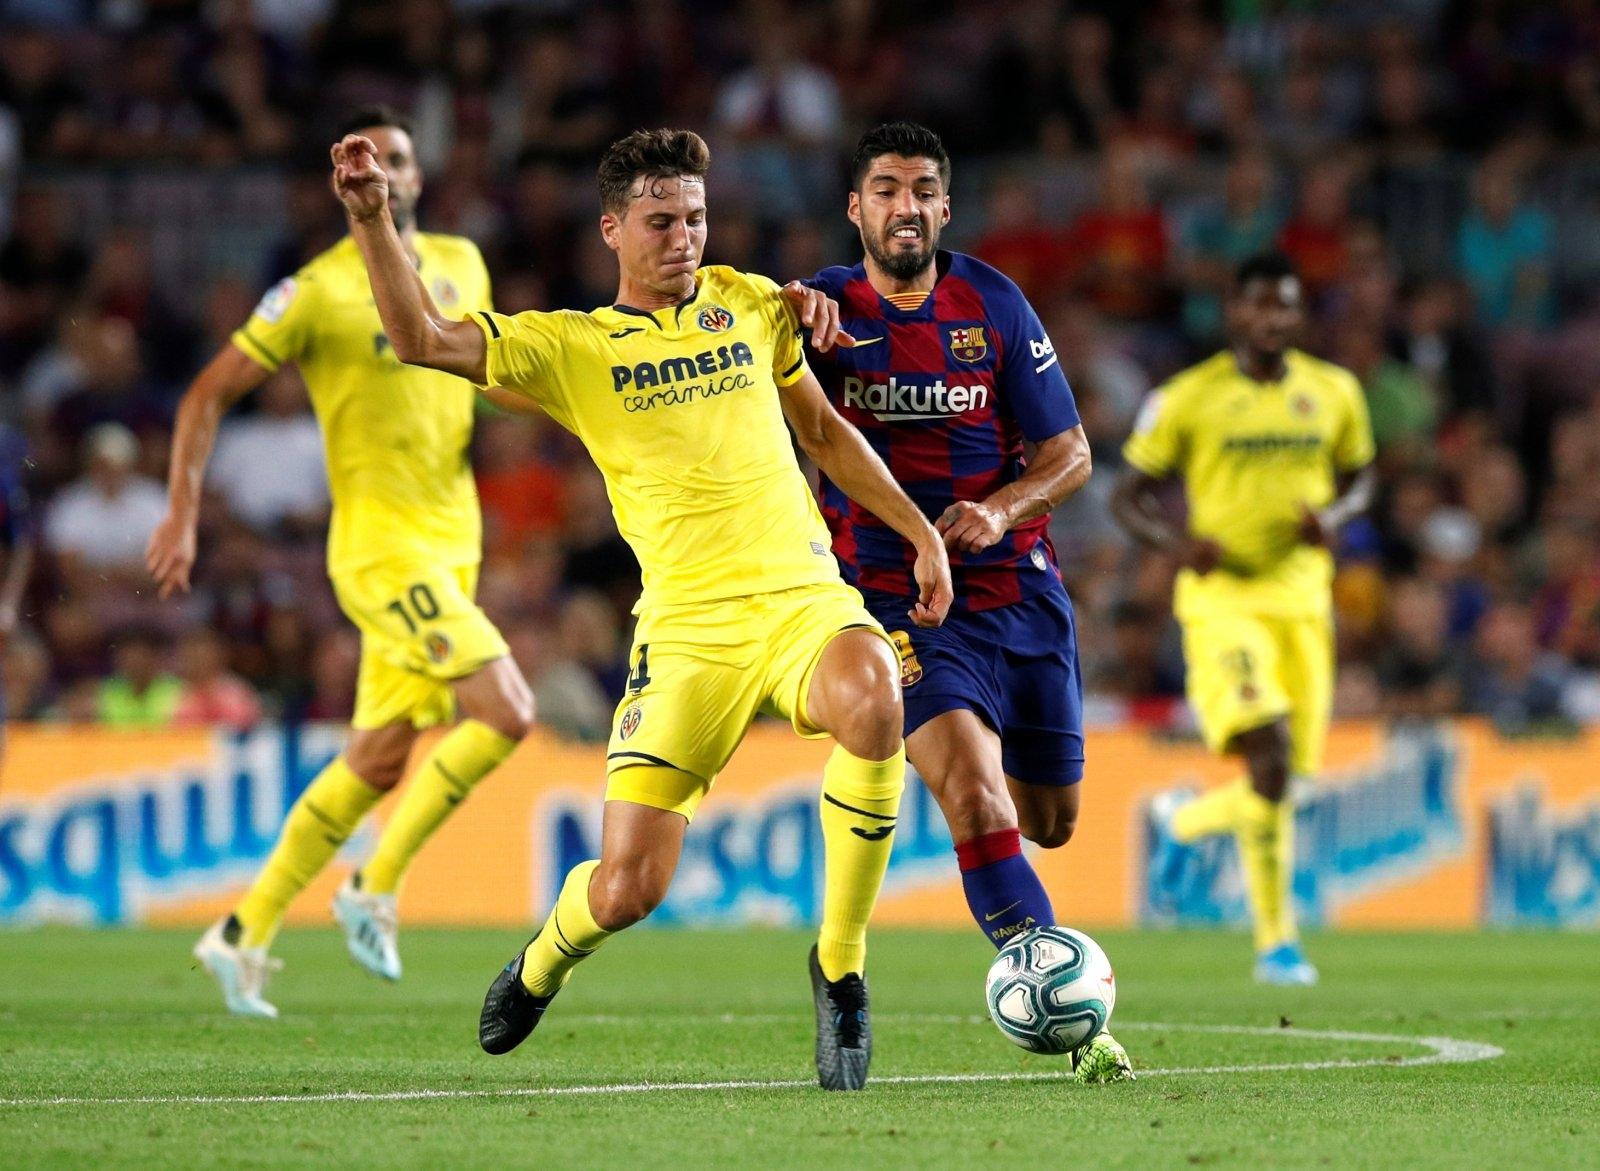 Испанският шампион Барселона проявява интерес към централния защитник Пау Торес